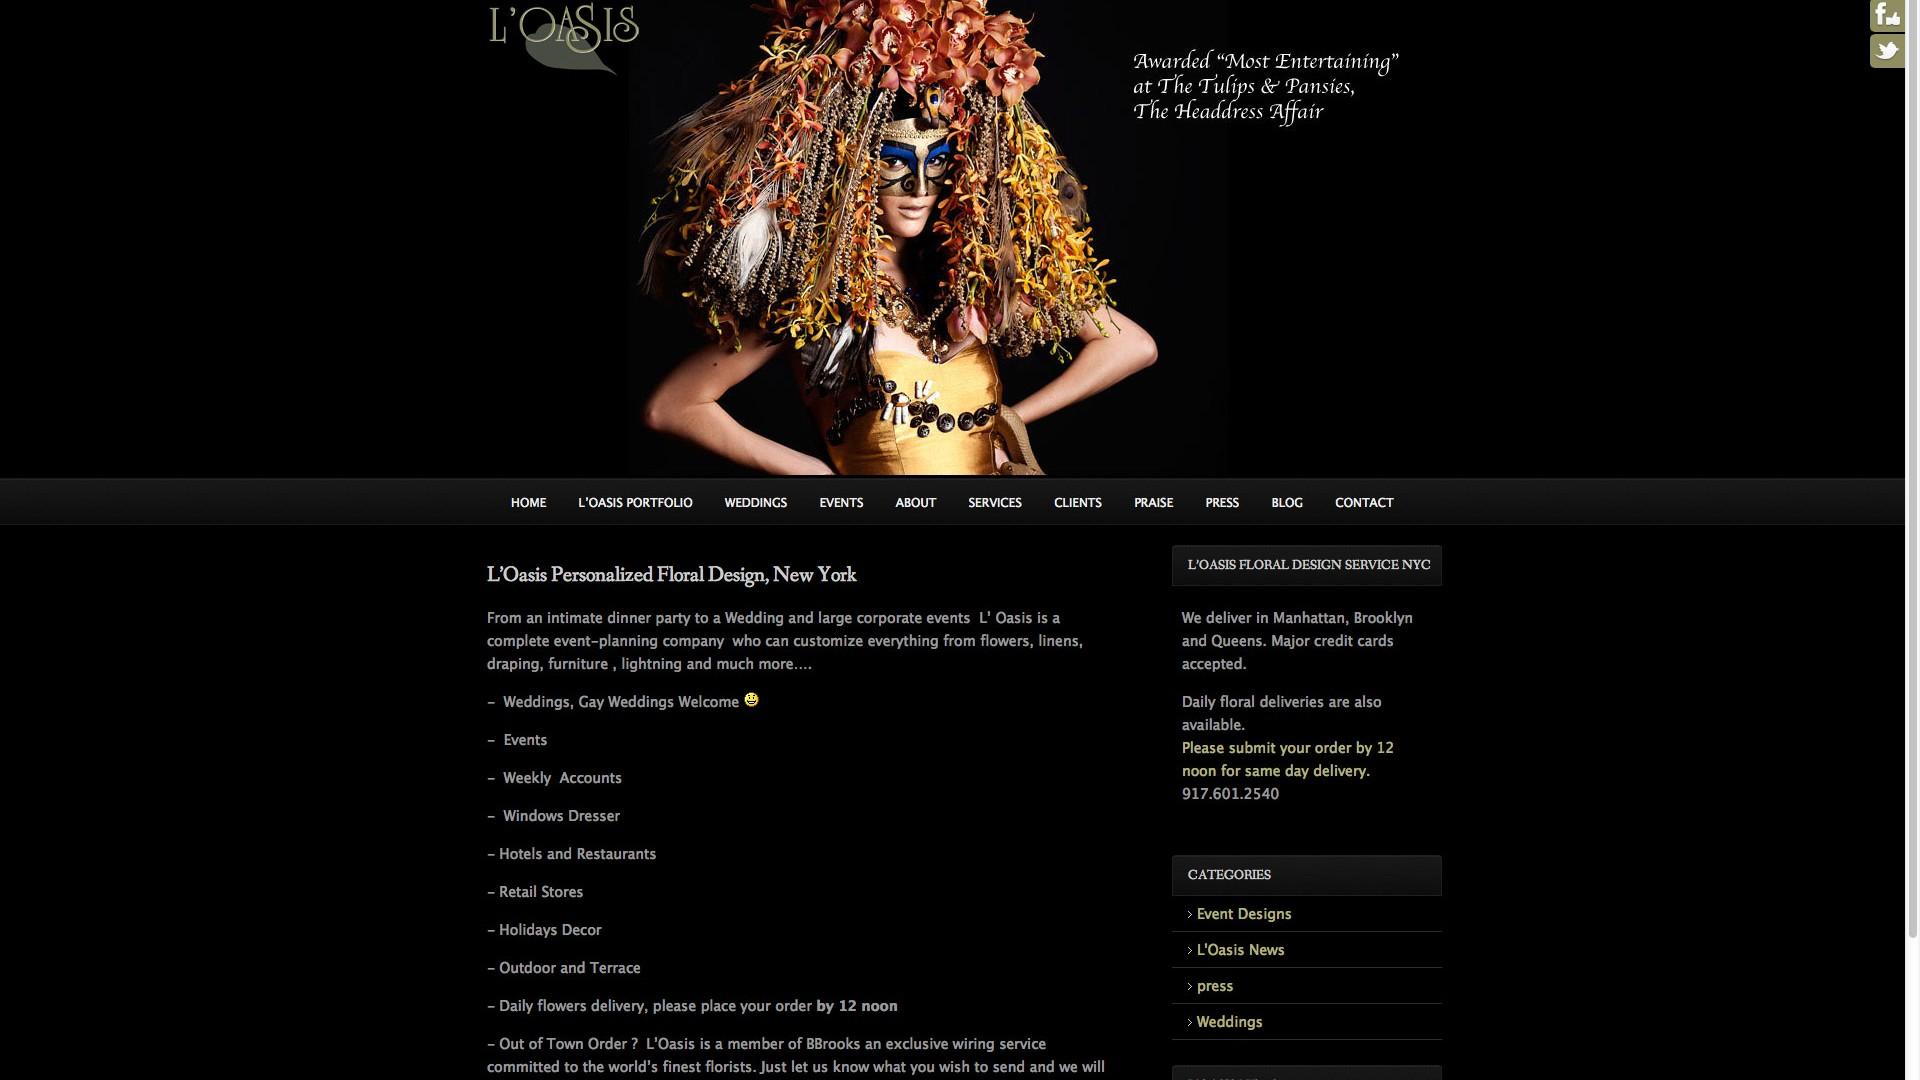 loasis-floral-design-v2